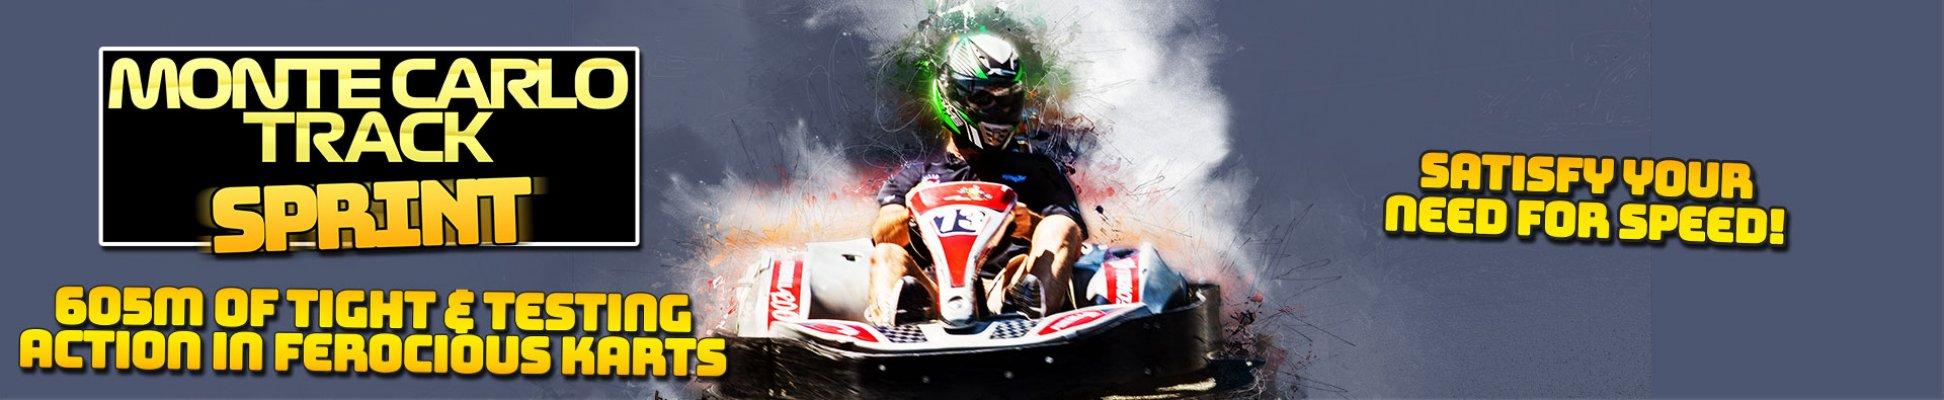 Monte Carlo Track Sprint